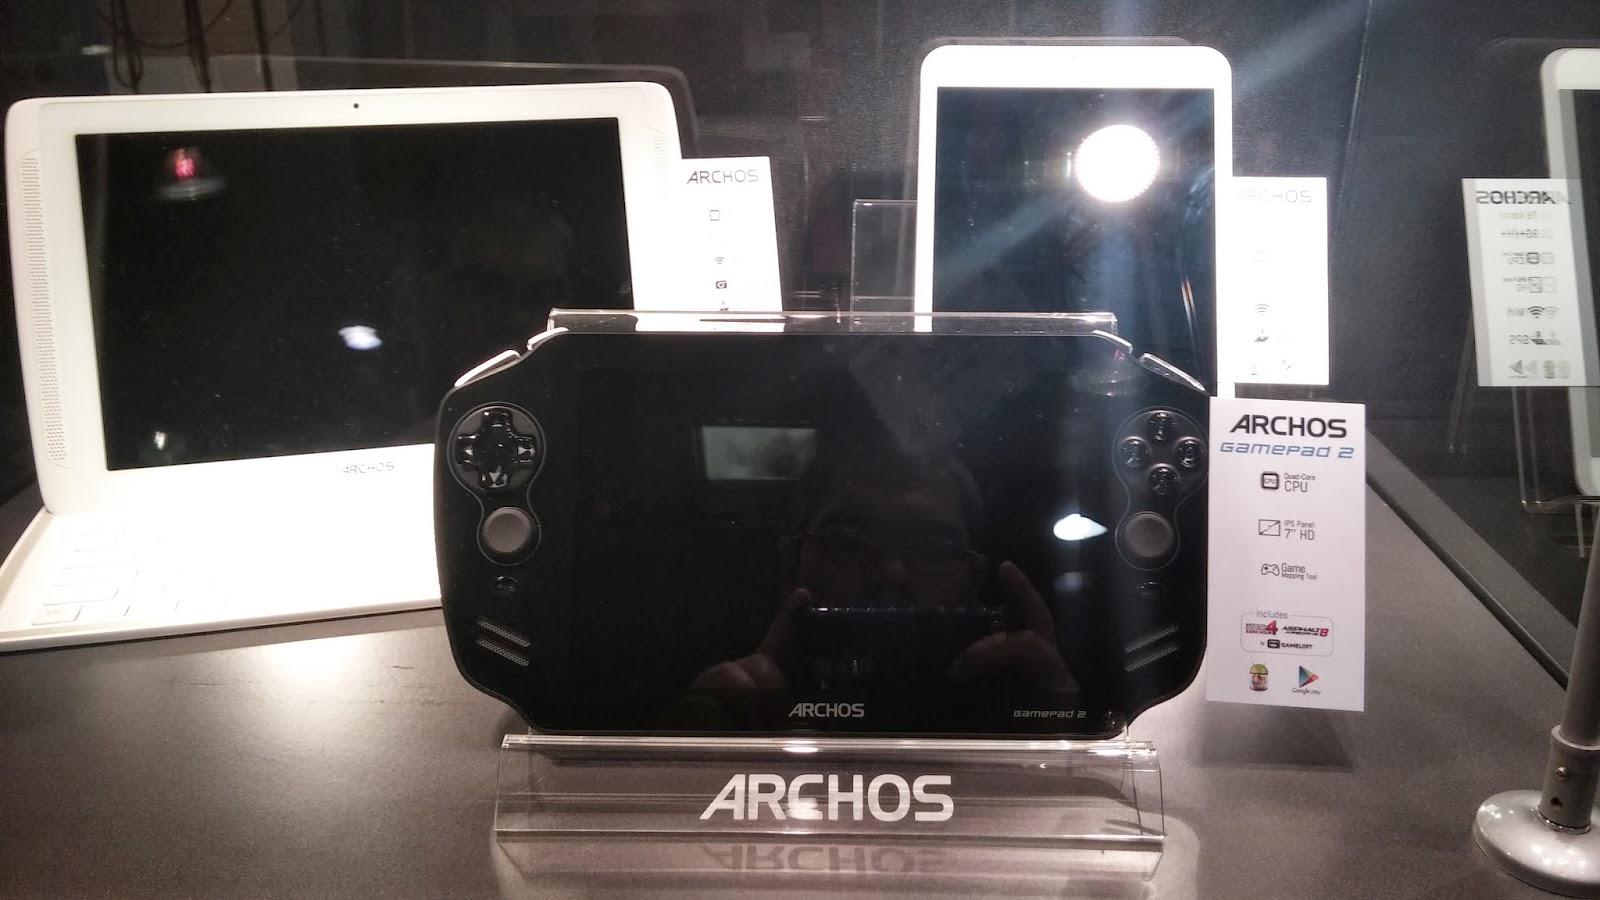 Dispositivo Android para jugar, presentado en el MWC14